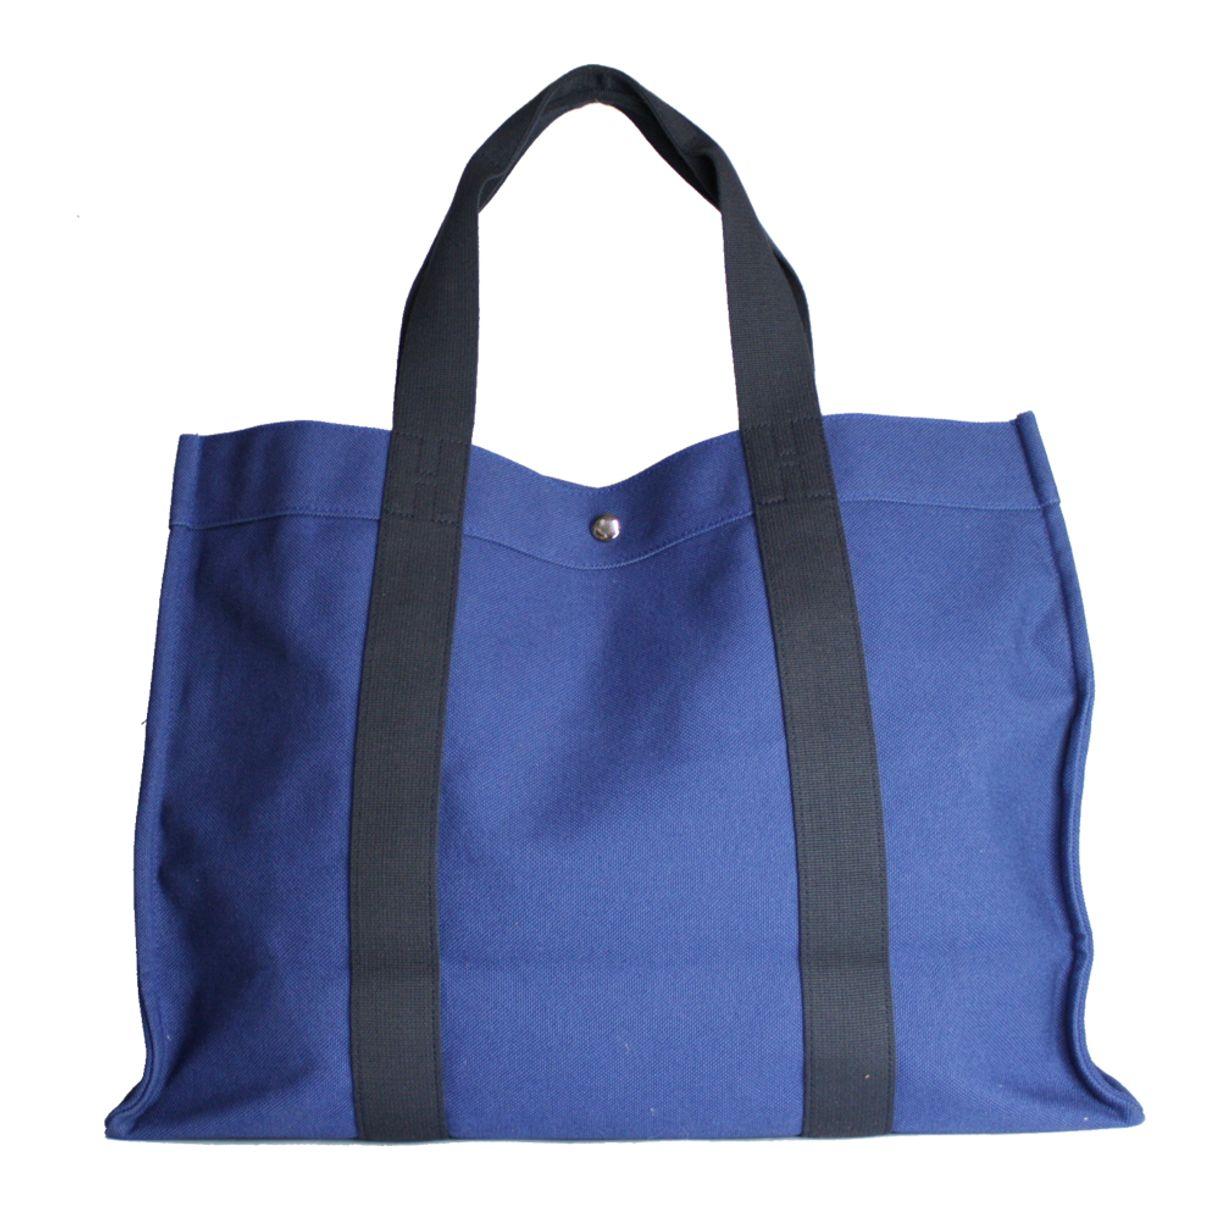 8607562f05d08 Bolsa de Praia Hermes Azul Marinho (Beach Bag)